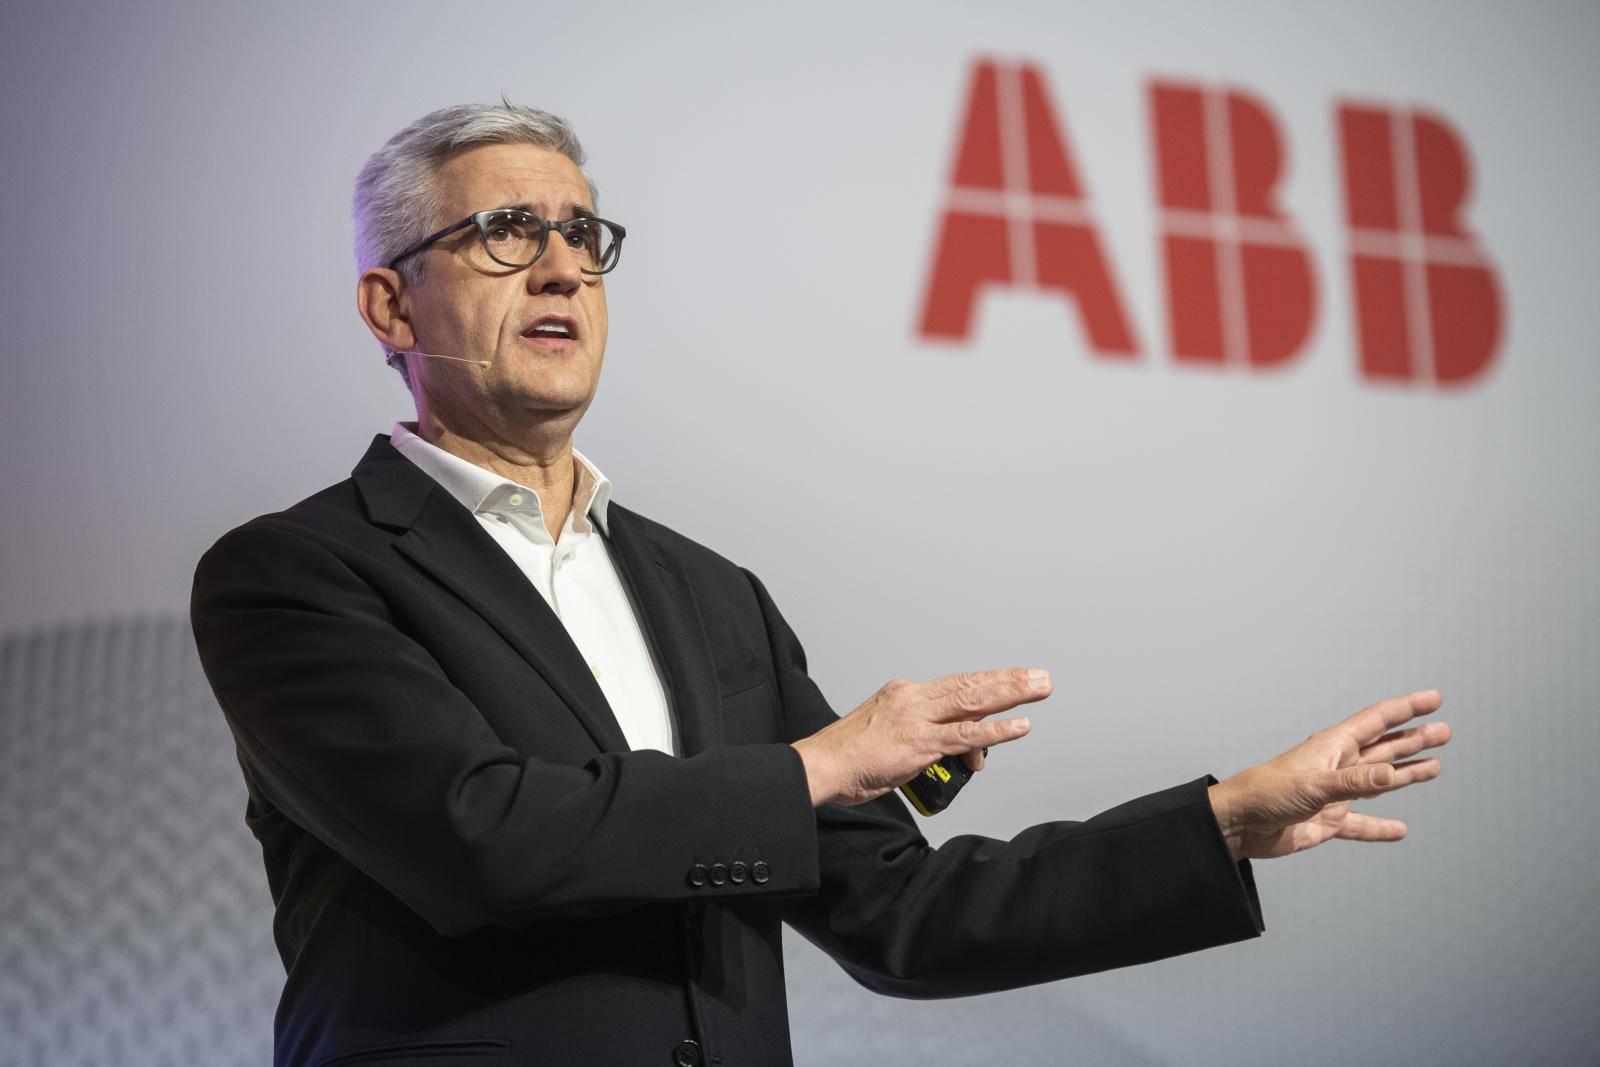 瑞士工业集团ABB CEO Ulrich Spiesshofer离任   Peter Voser将兼任临时CEO